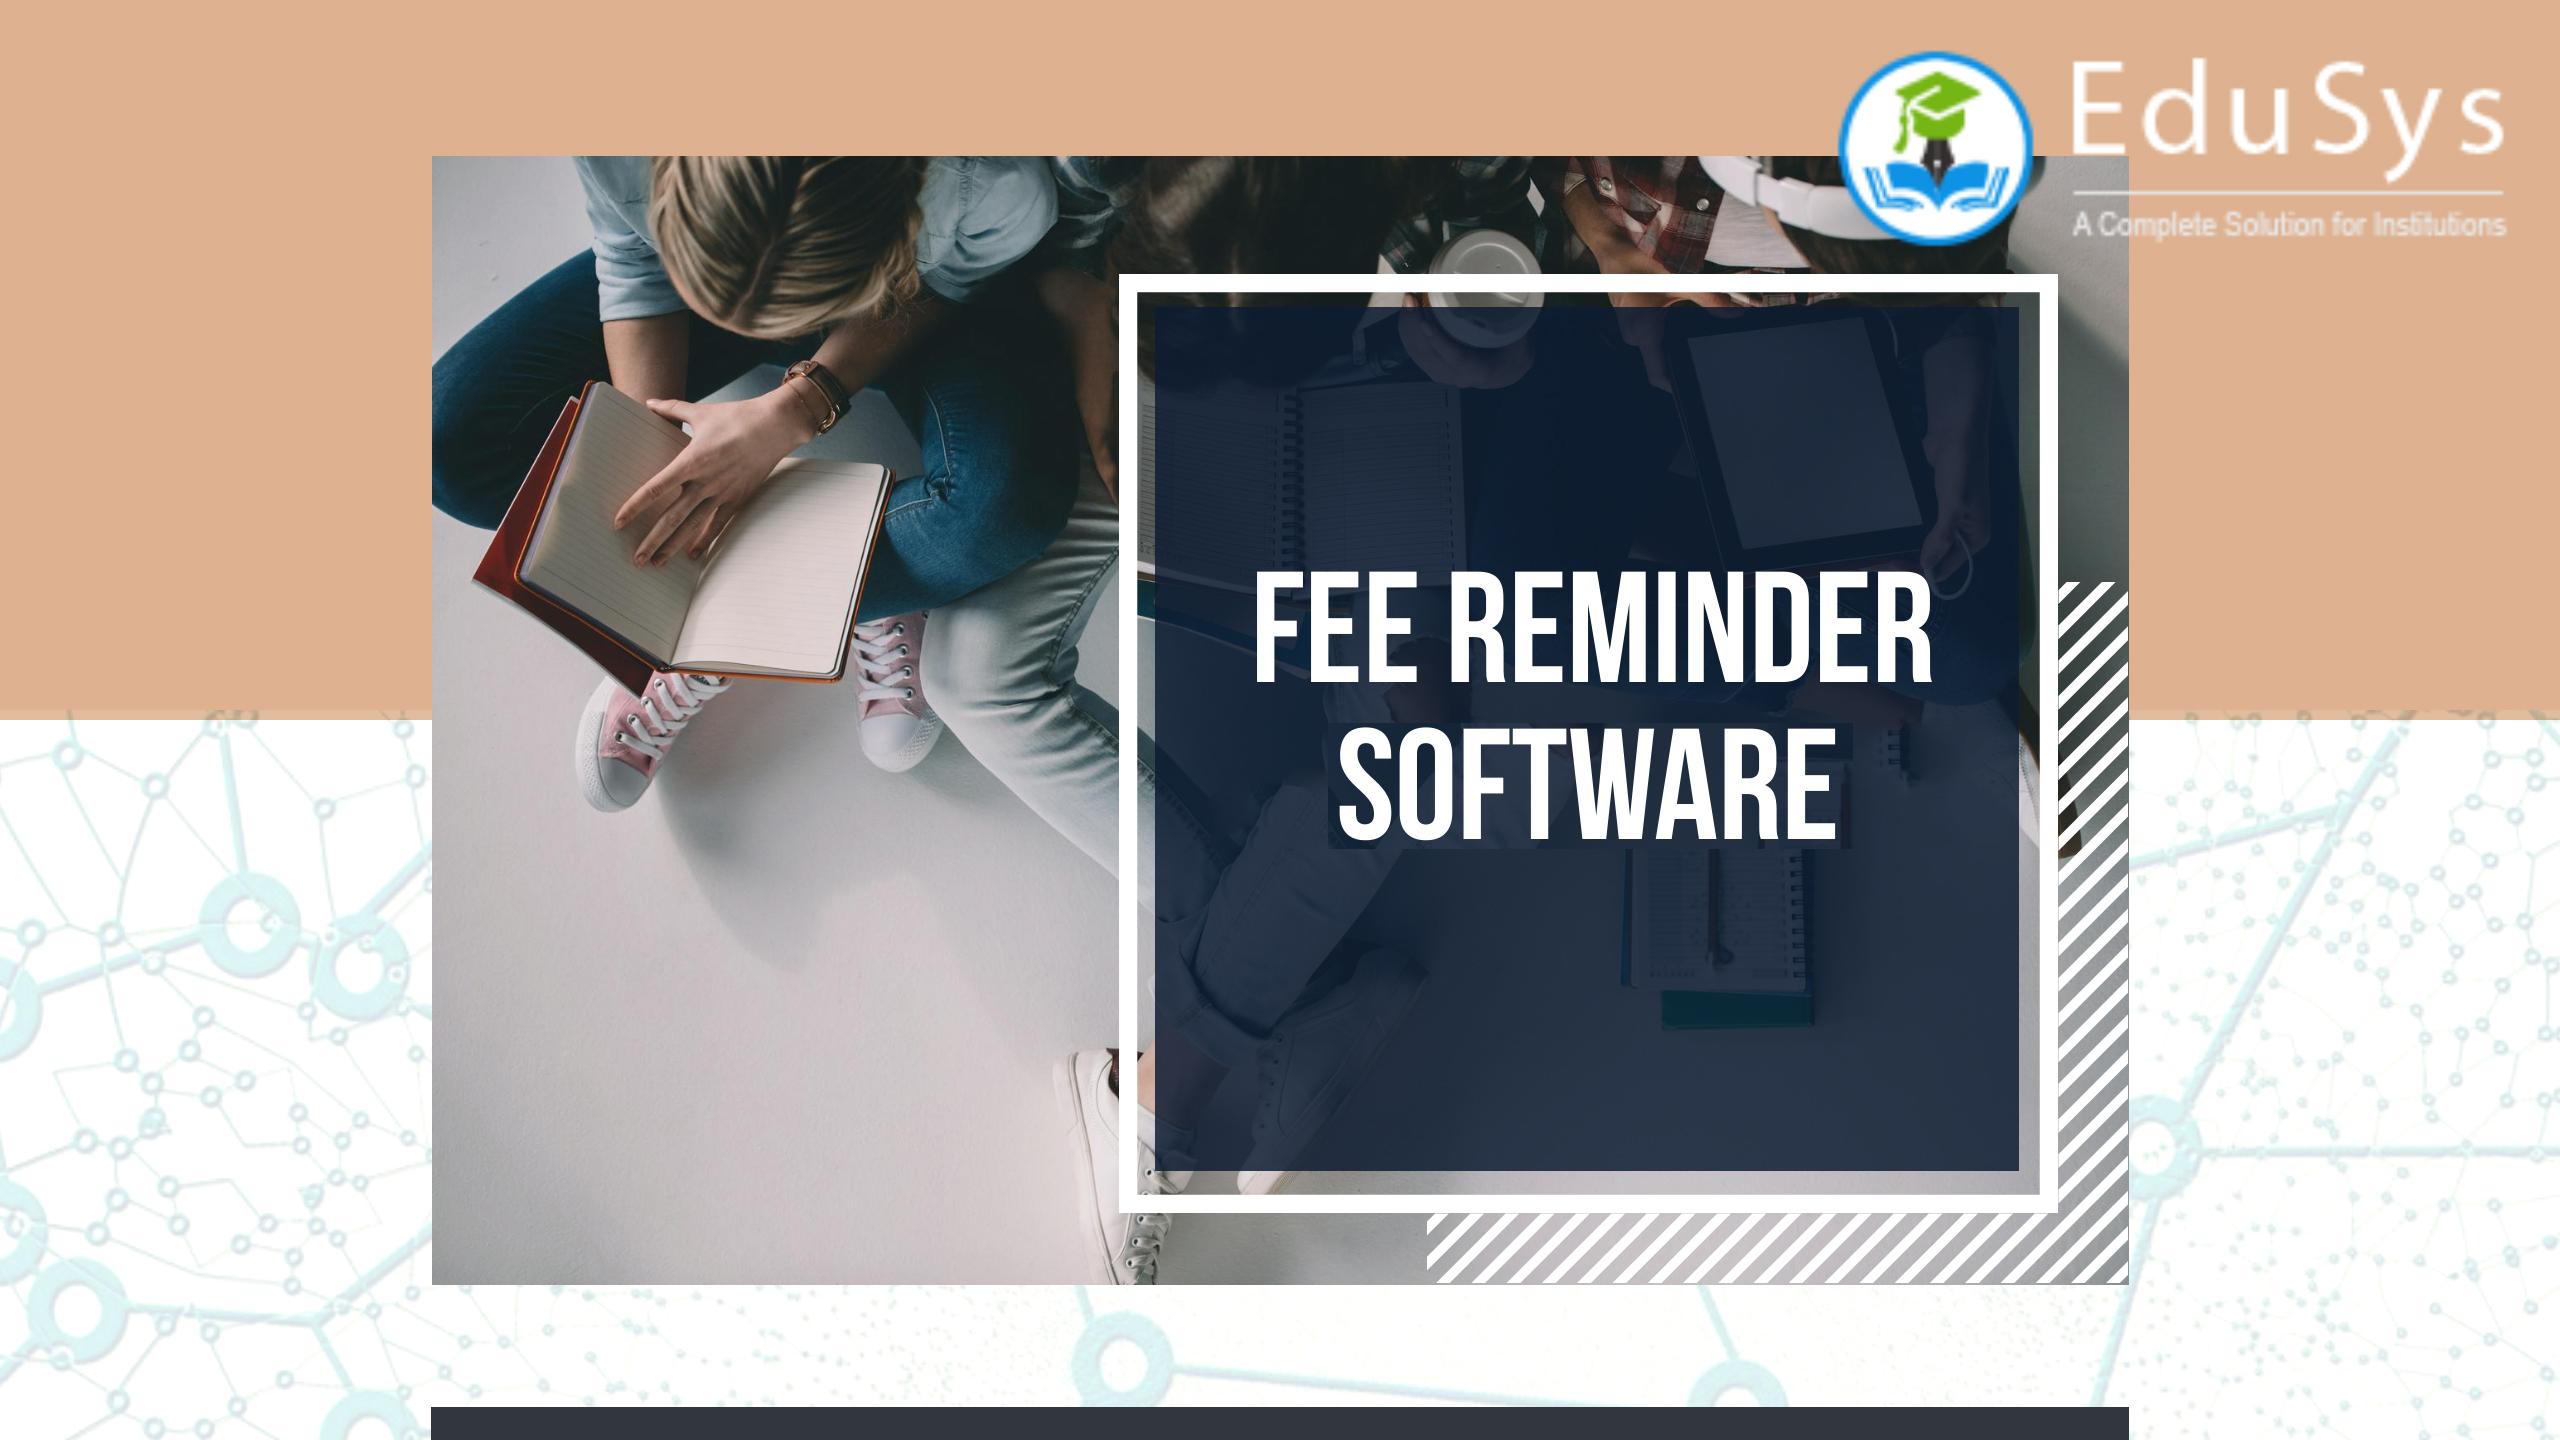 Fee Reminder Software 2020 - Sent Bulk SMS & Free Emails